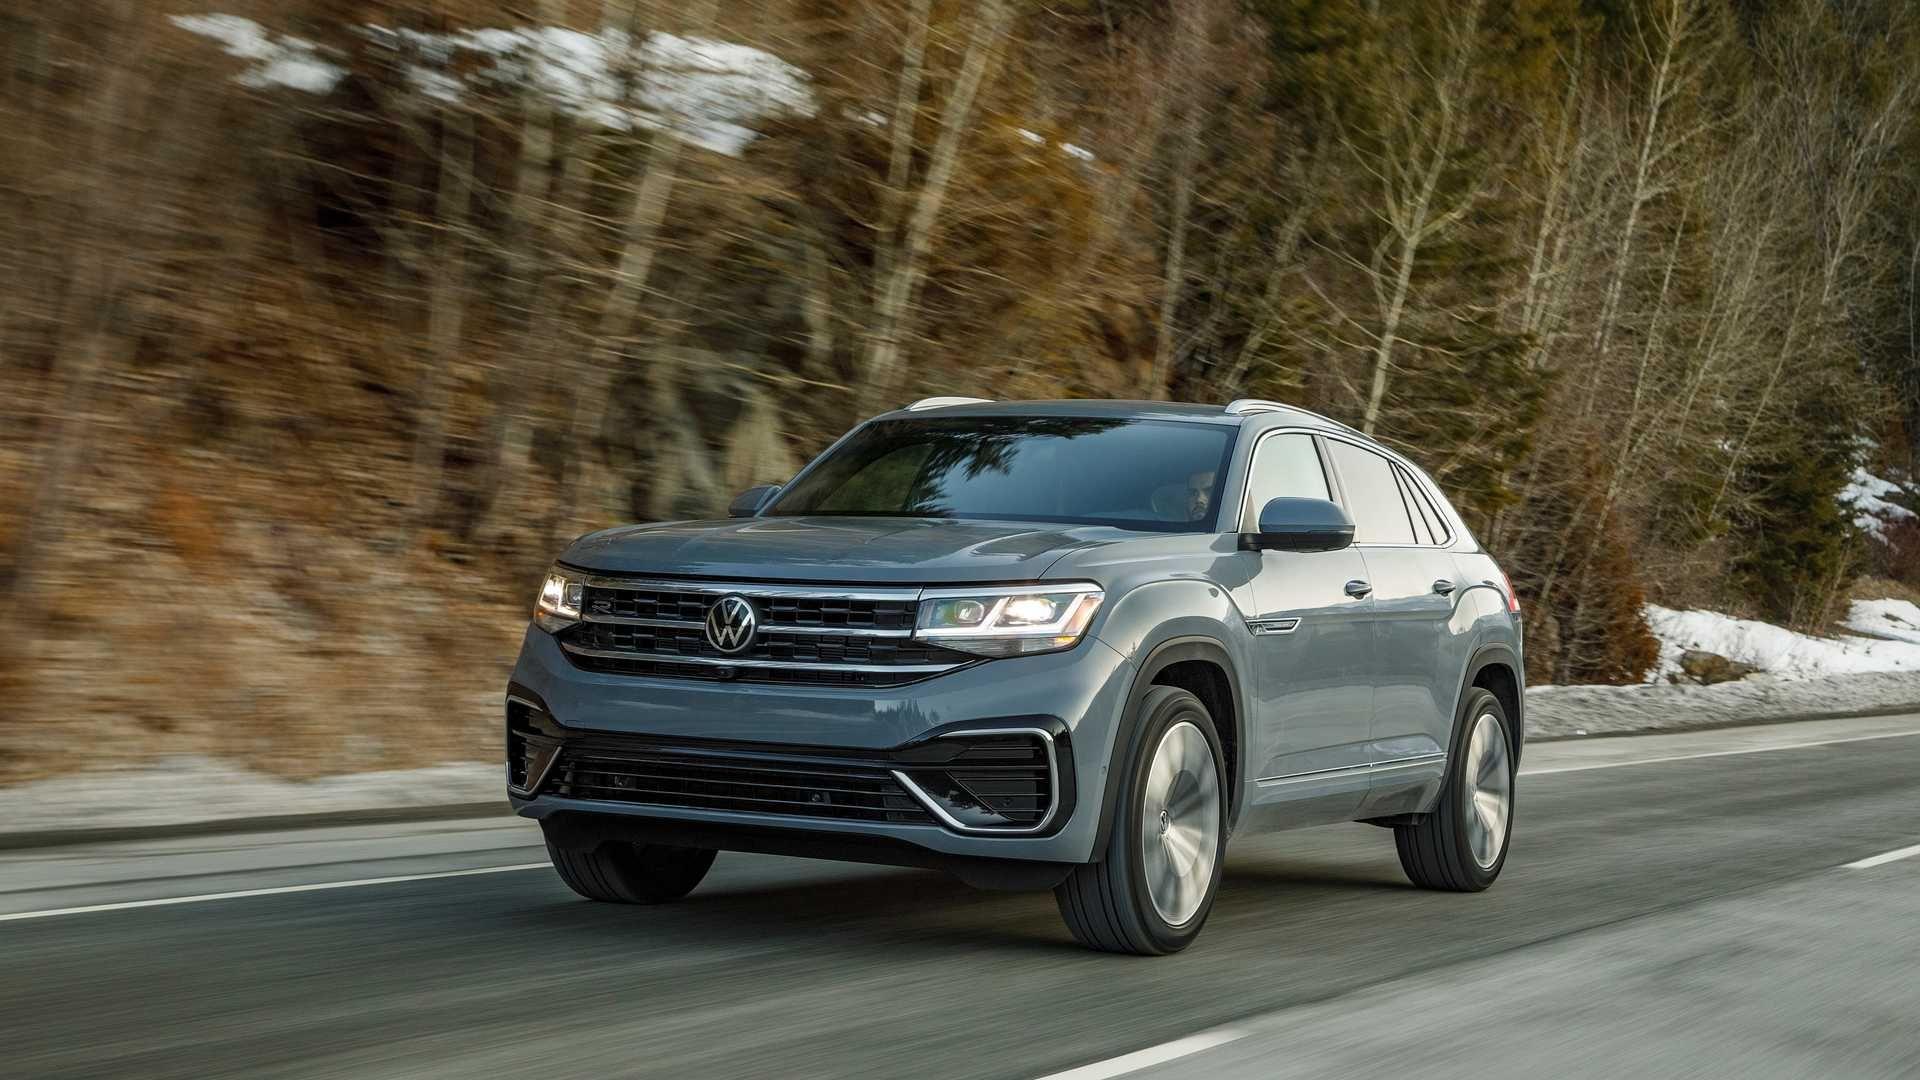 2020 Volkswagen Atlas Cross Sport Review Pricing And Specs In 2020 Volkswagen Volkswagen Passat Vw Group